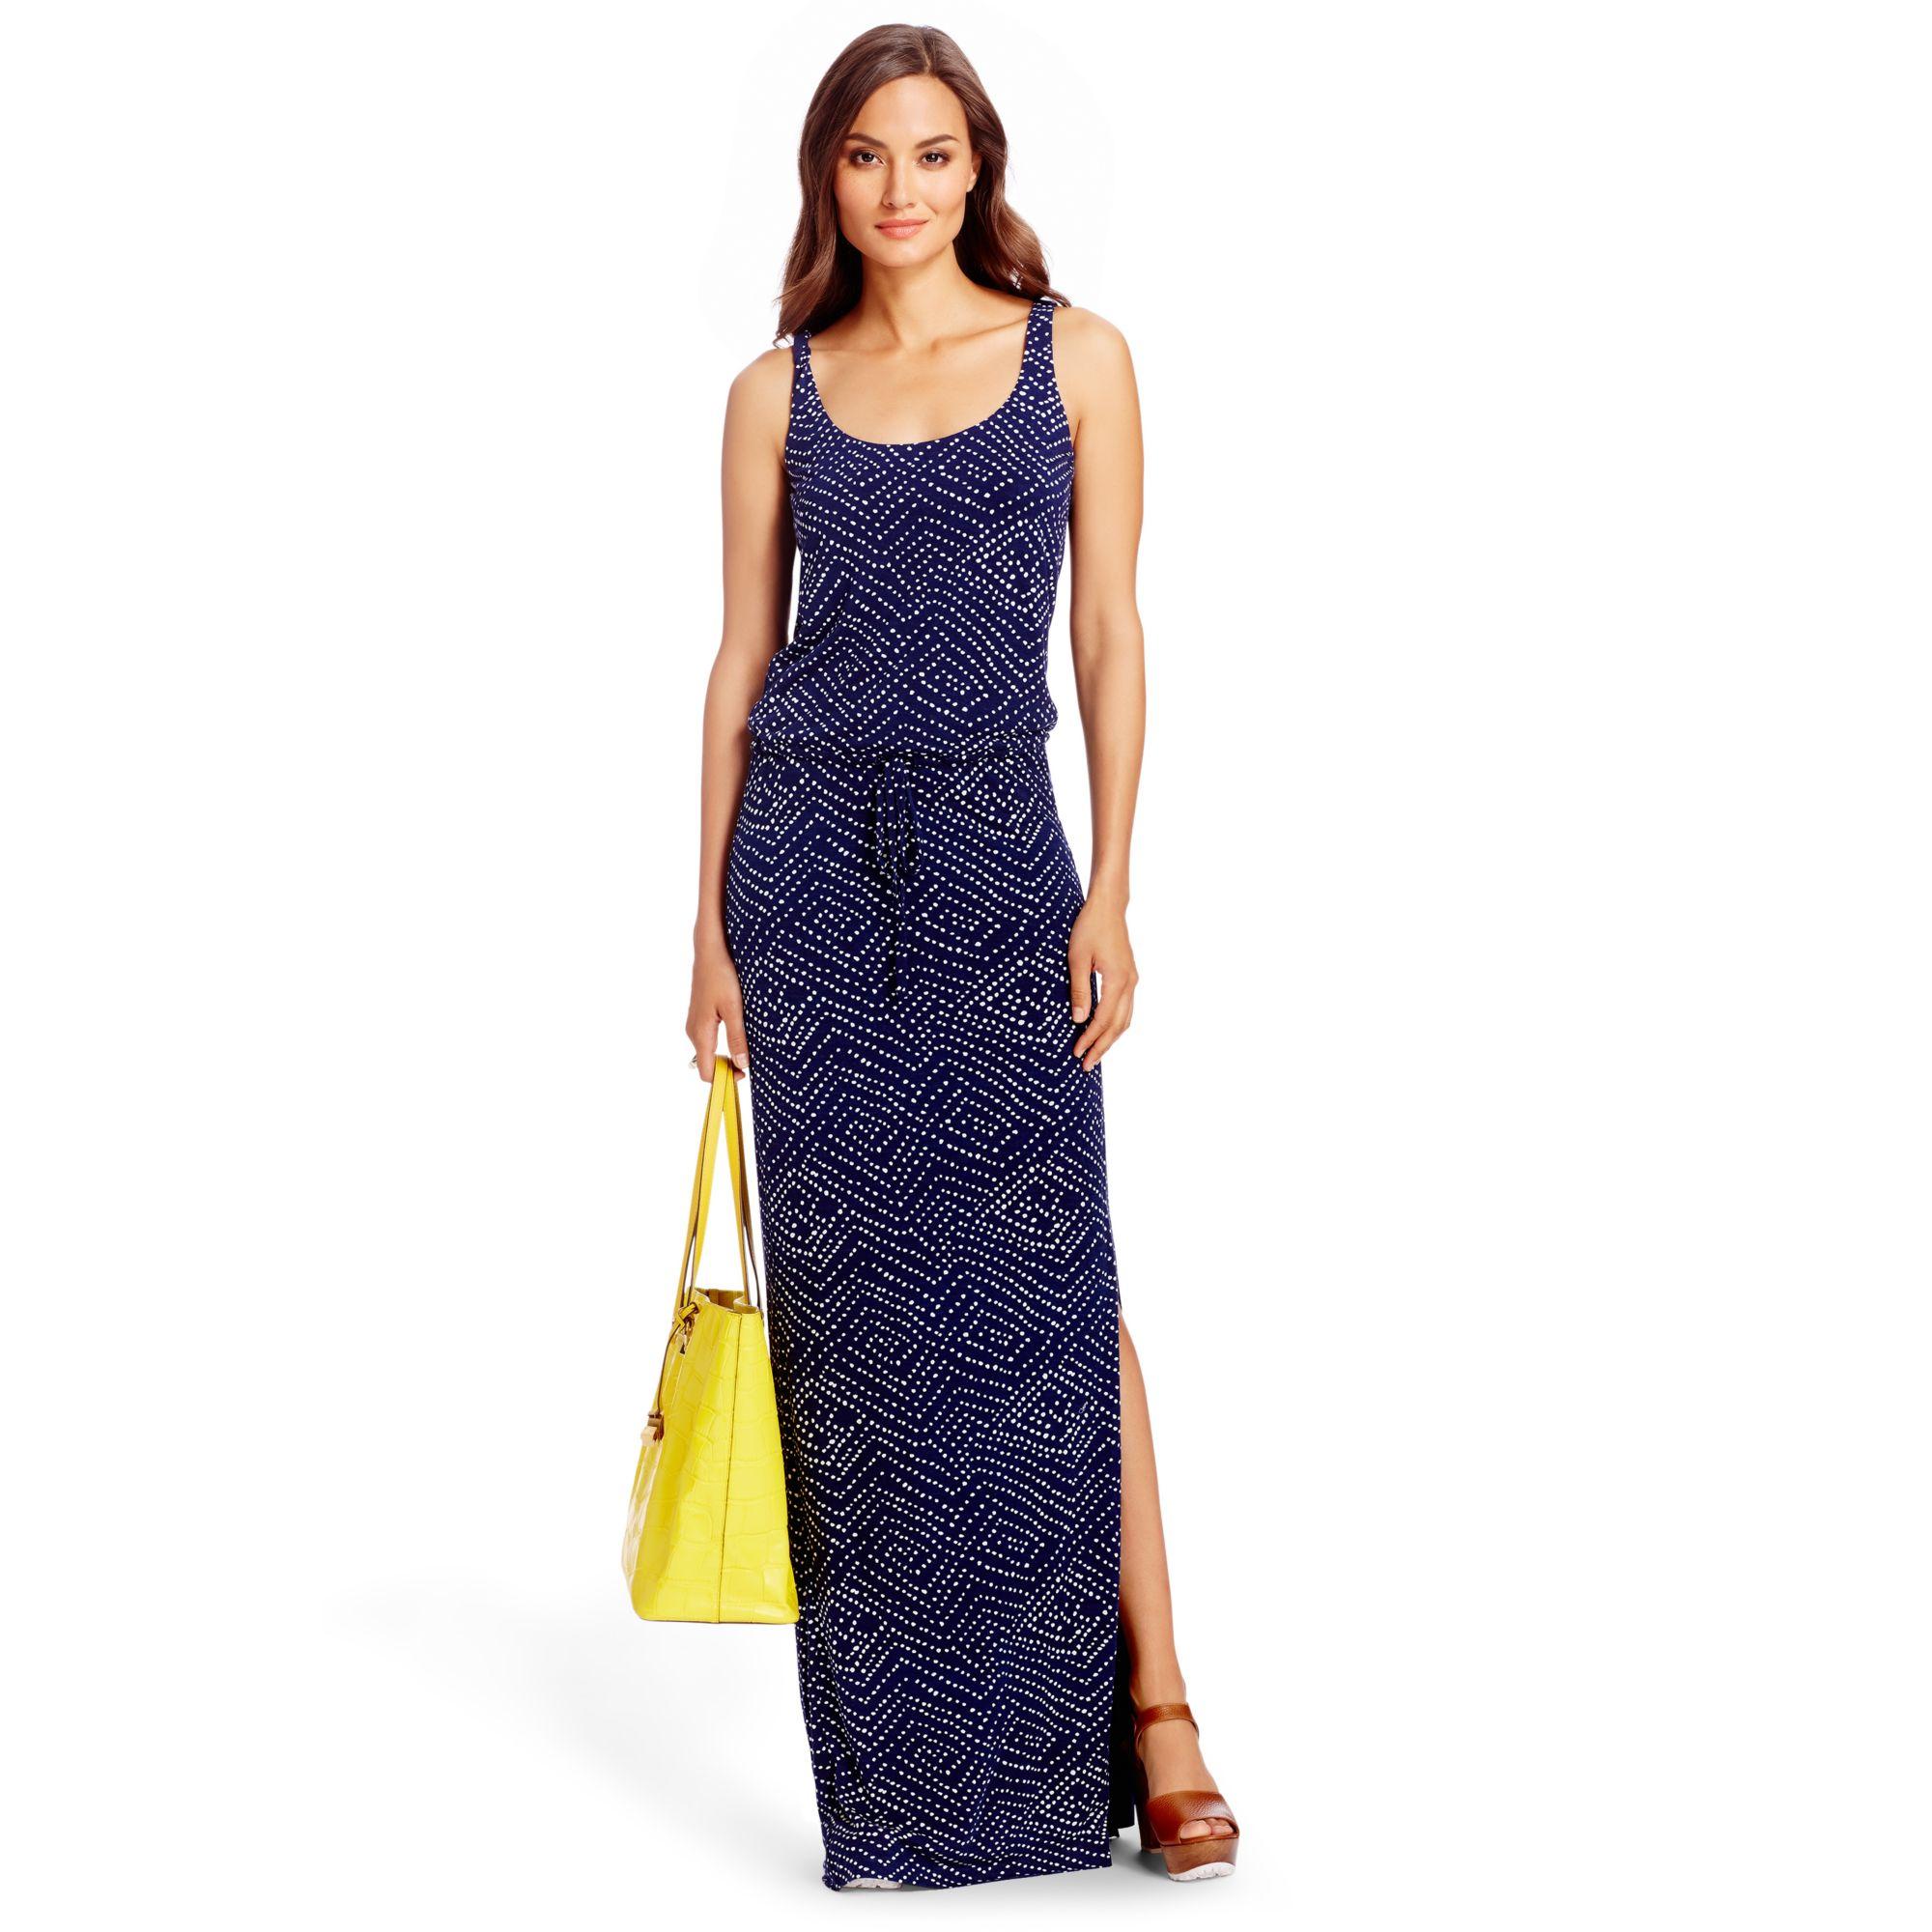 ea703191e689f Lyst - Diane von Furstenberg Dvf Sophie Jersey Maxi Dress in Blue